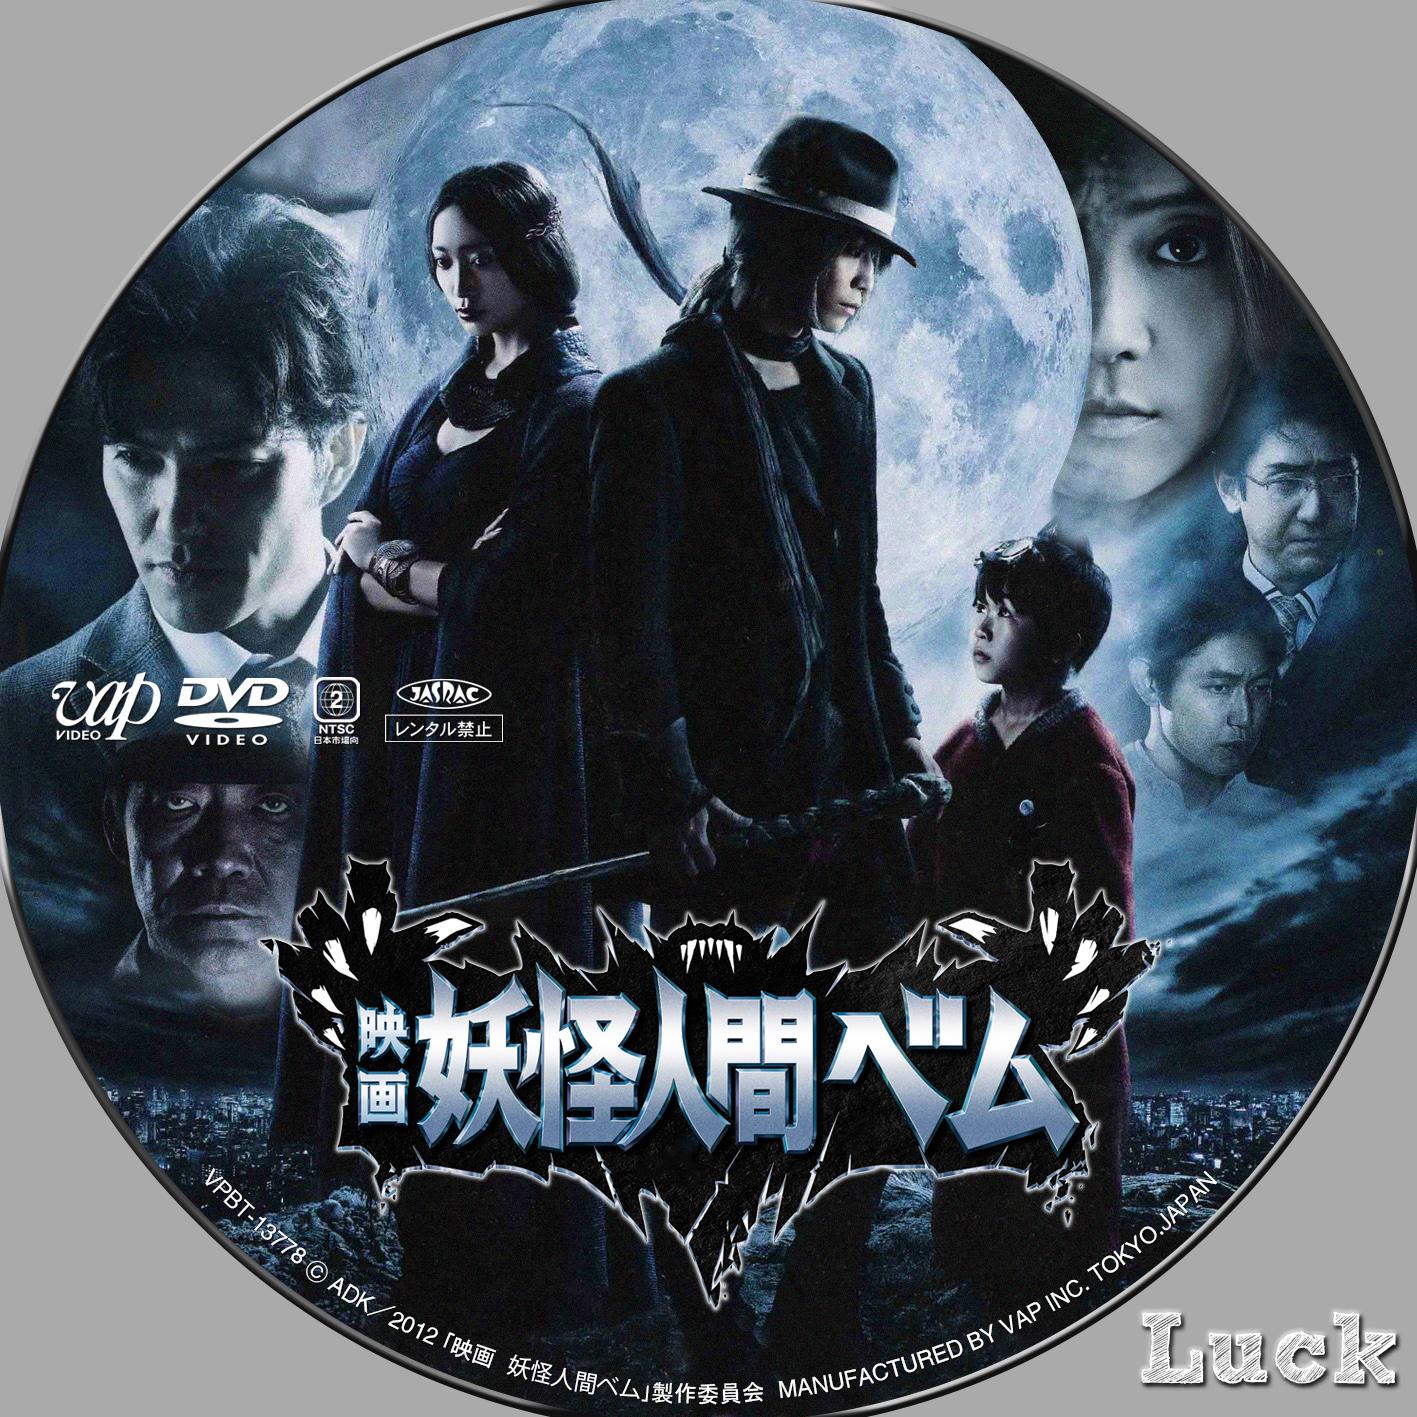 映画 妖怪人間ベム【DVD豪華版】(本編ディスク+ …